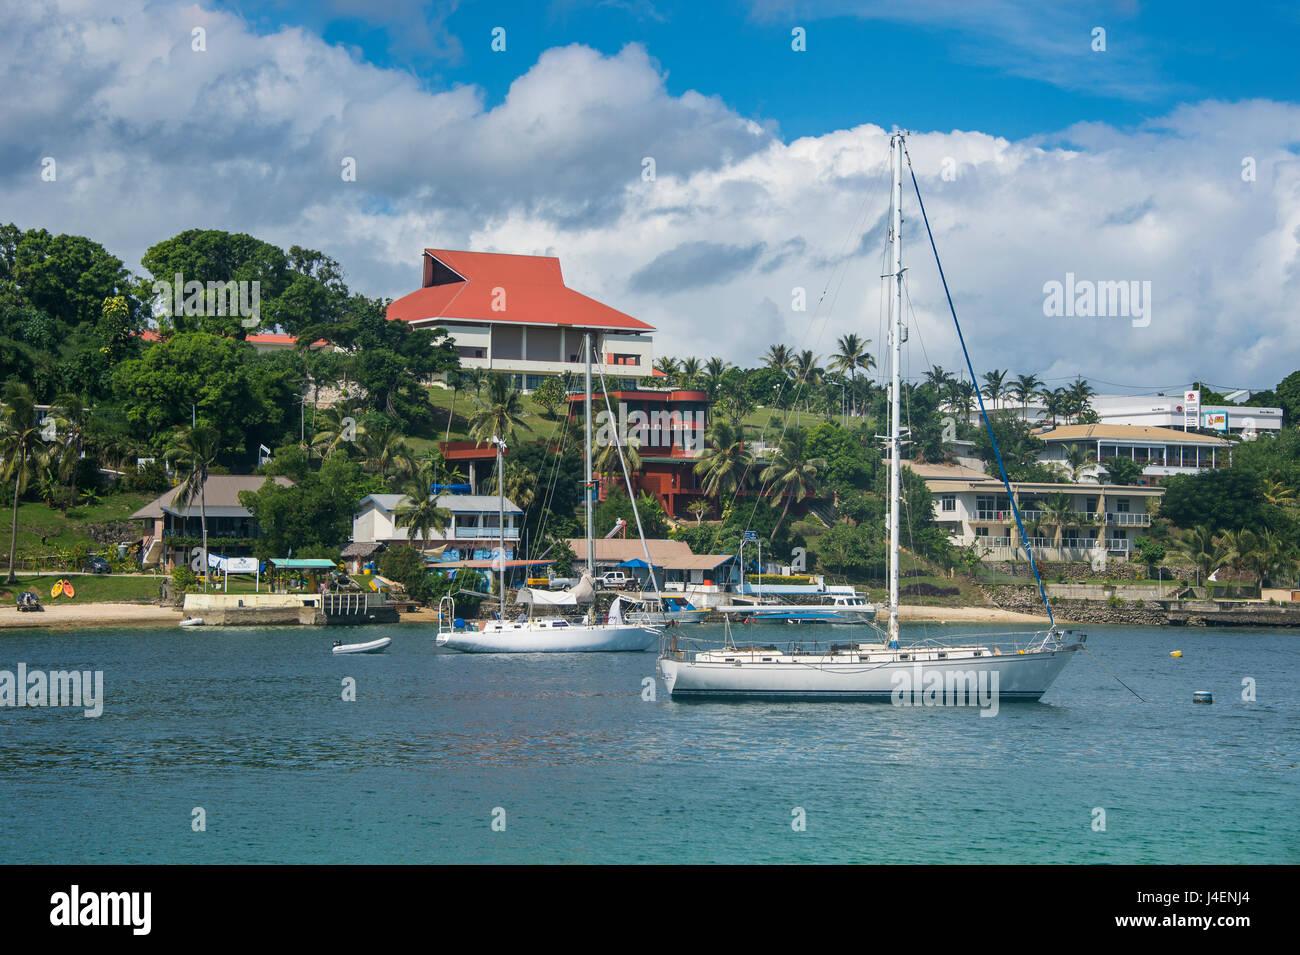 The harbour of Port Vila, Efate, Vanuatu, Pacific - Stock Image